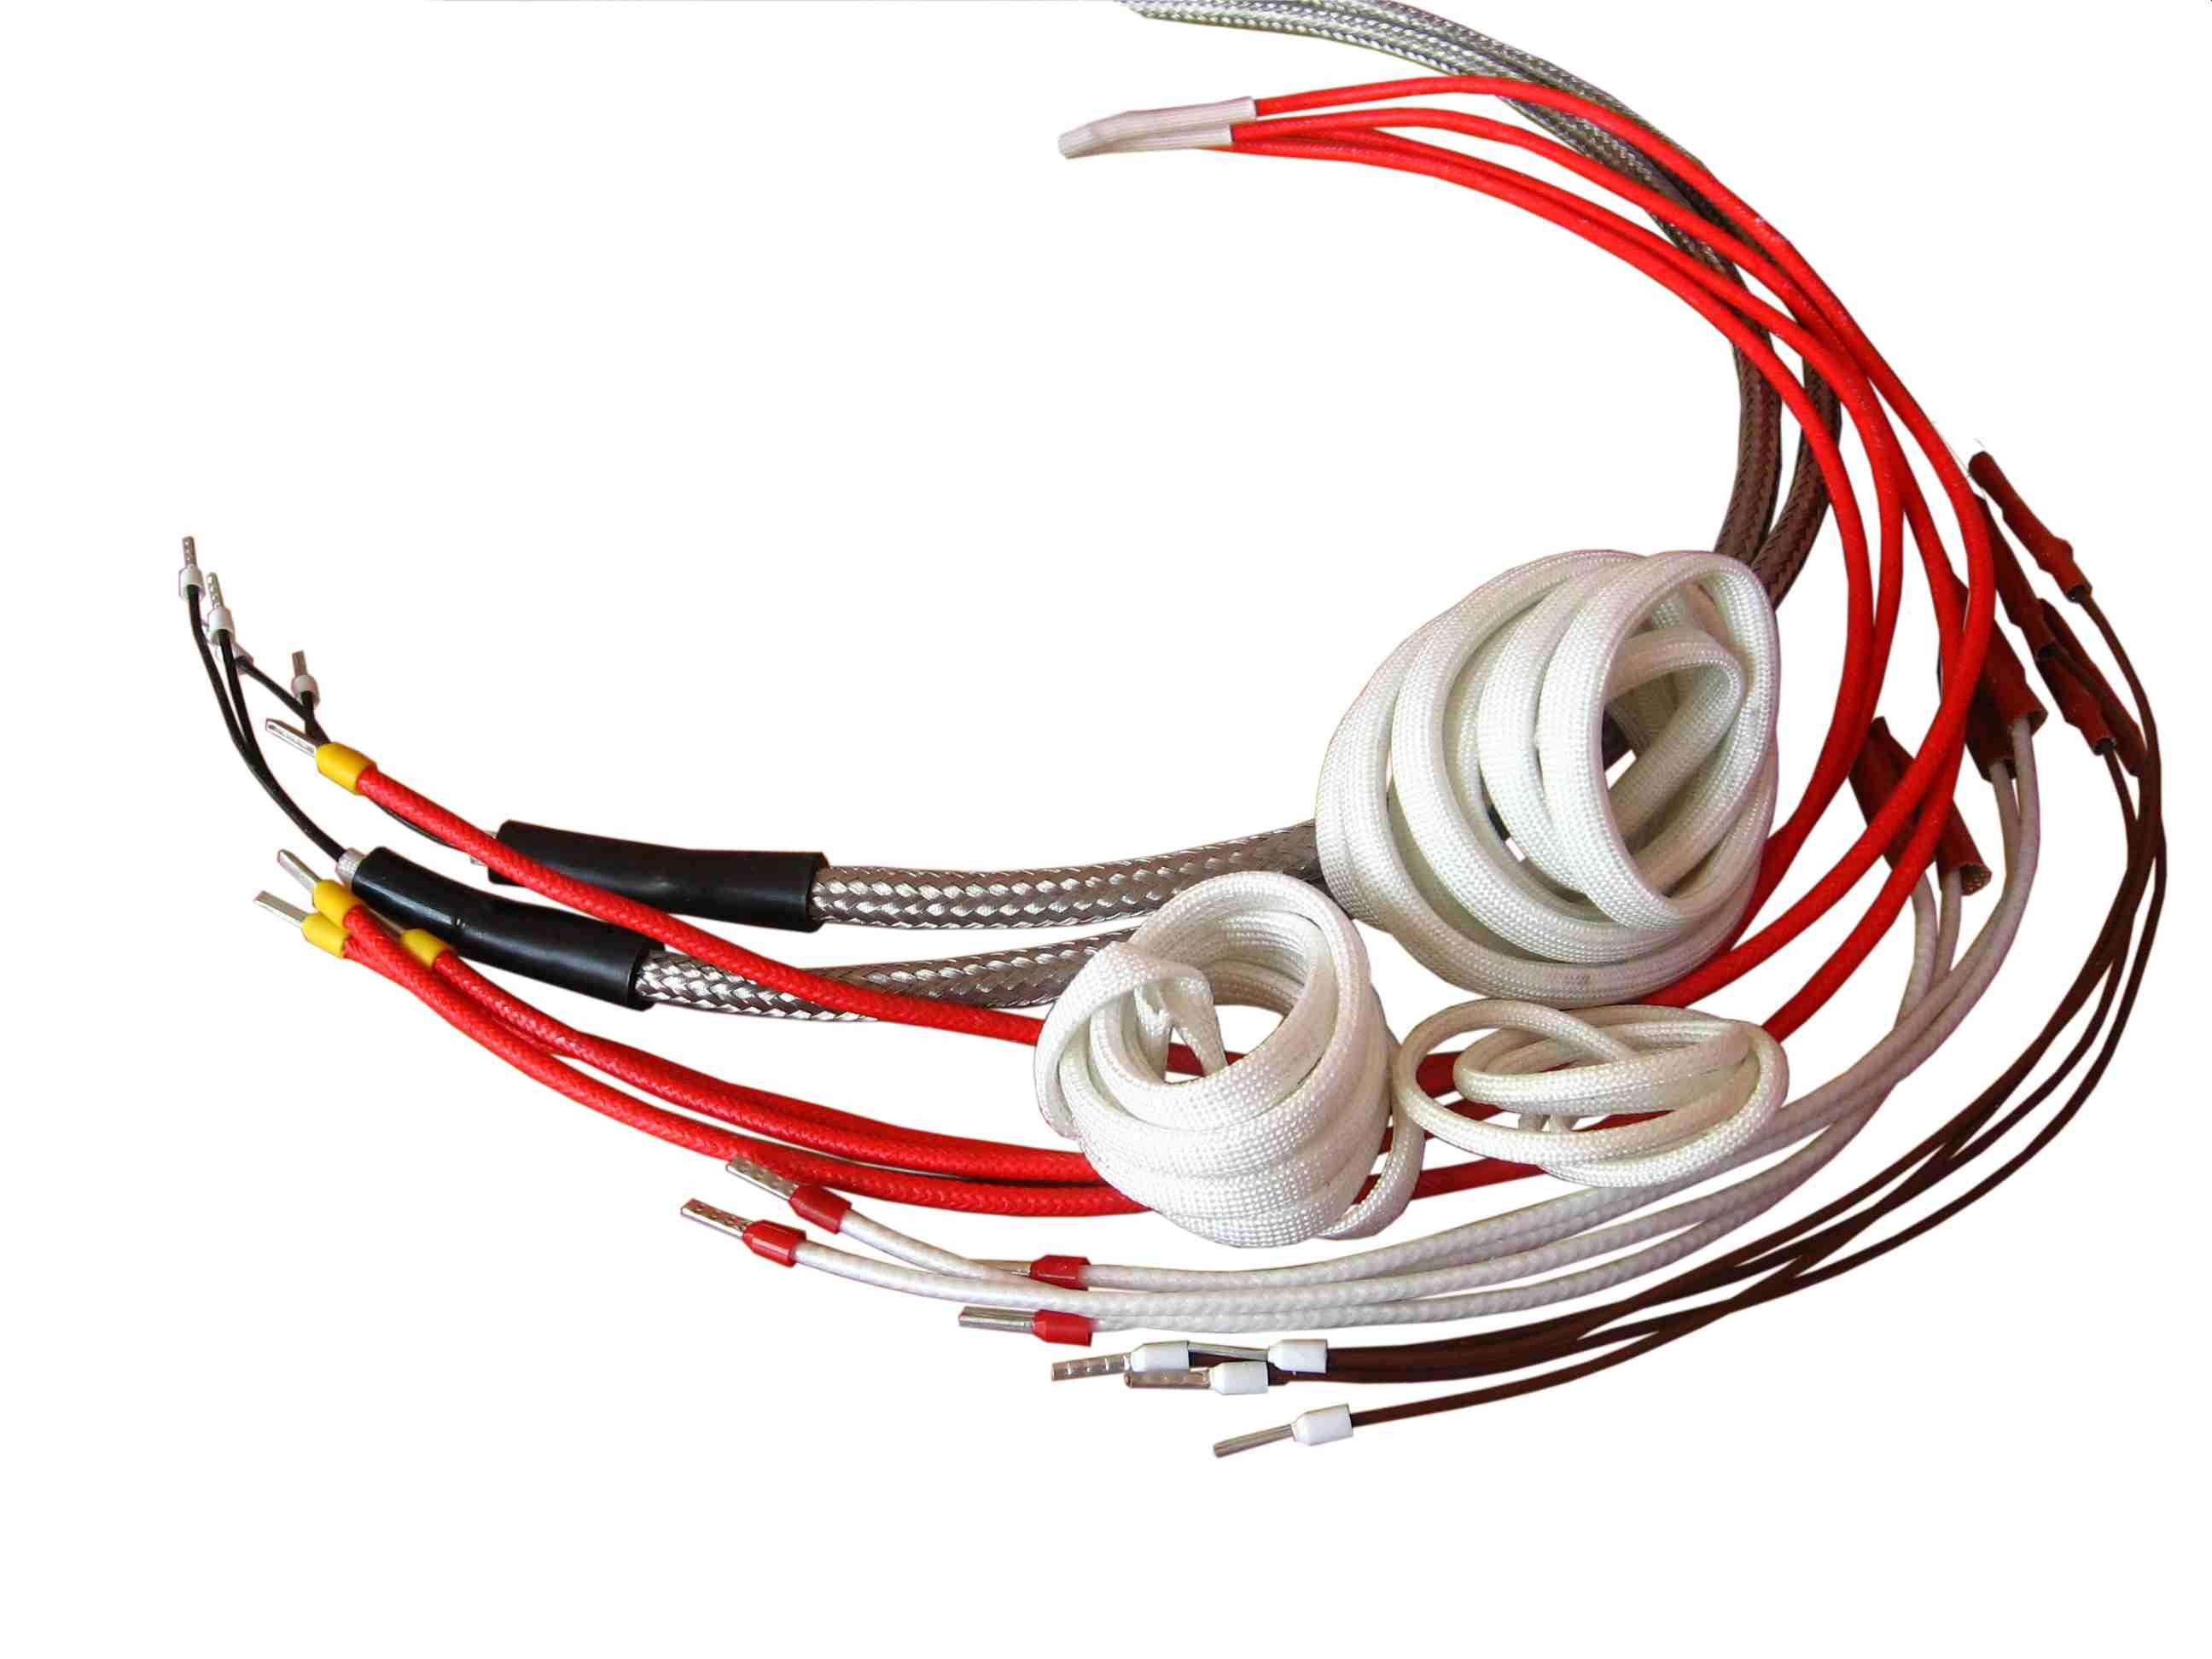 1х1,0 никель MVV Н3 (промышленные нагреватели)   1х1,0 никель MVV купить на Symmetron.ru, спецификации, схемы 1х1,0 никель MVV Н3 (промышленные нагреватели)